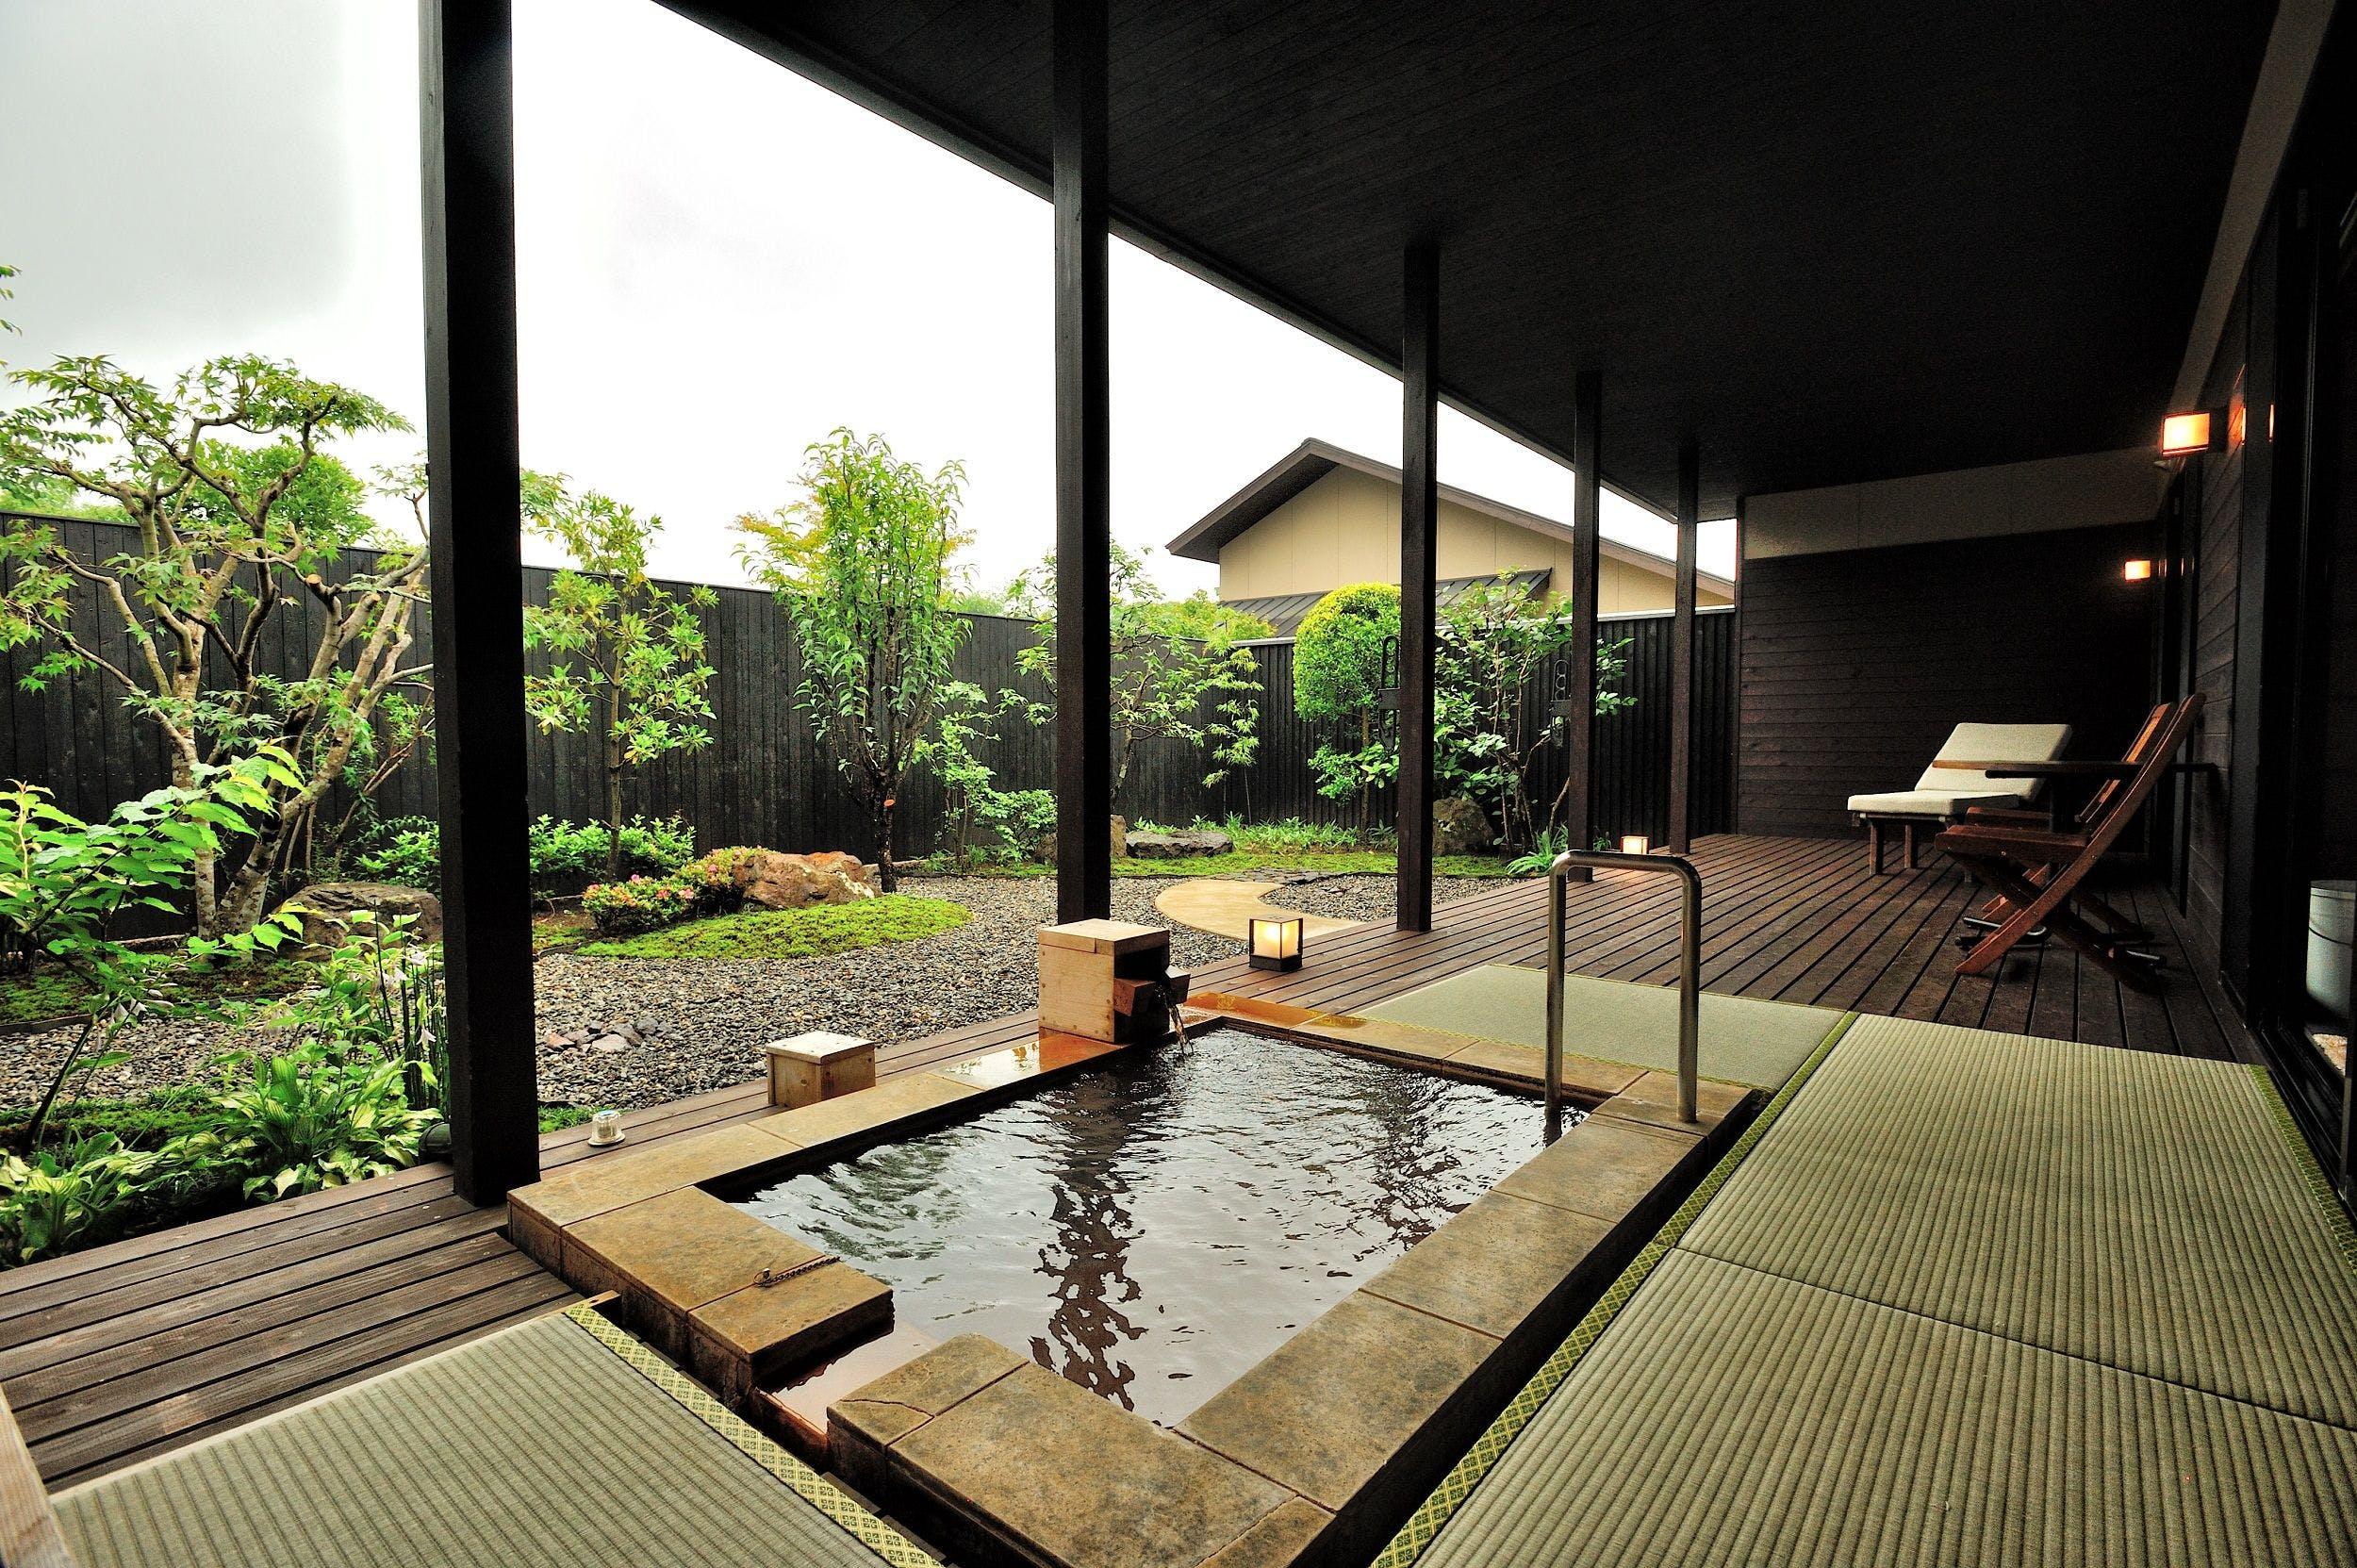 九州 客室 風呂 露天 付き